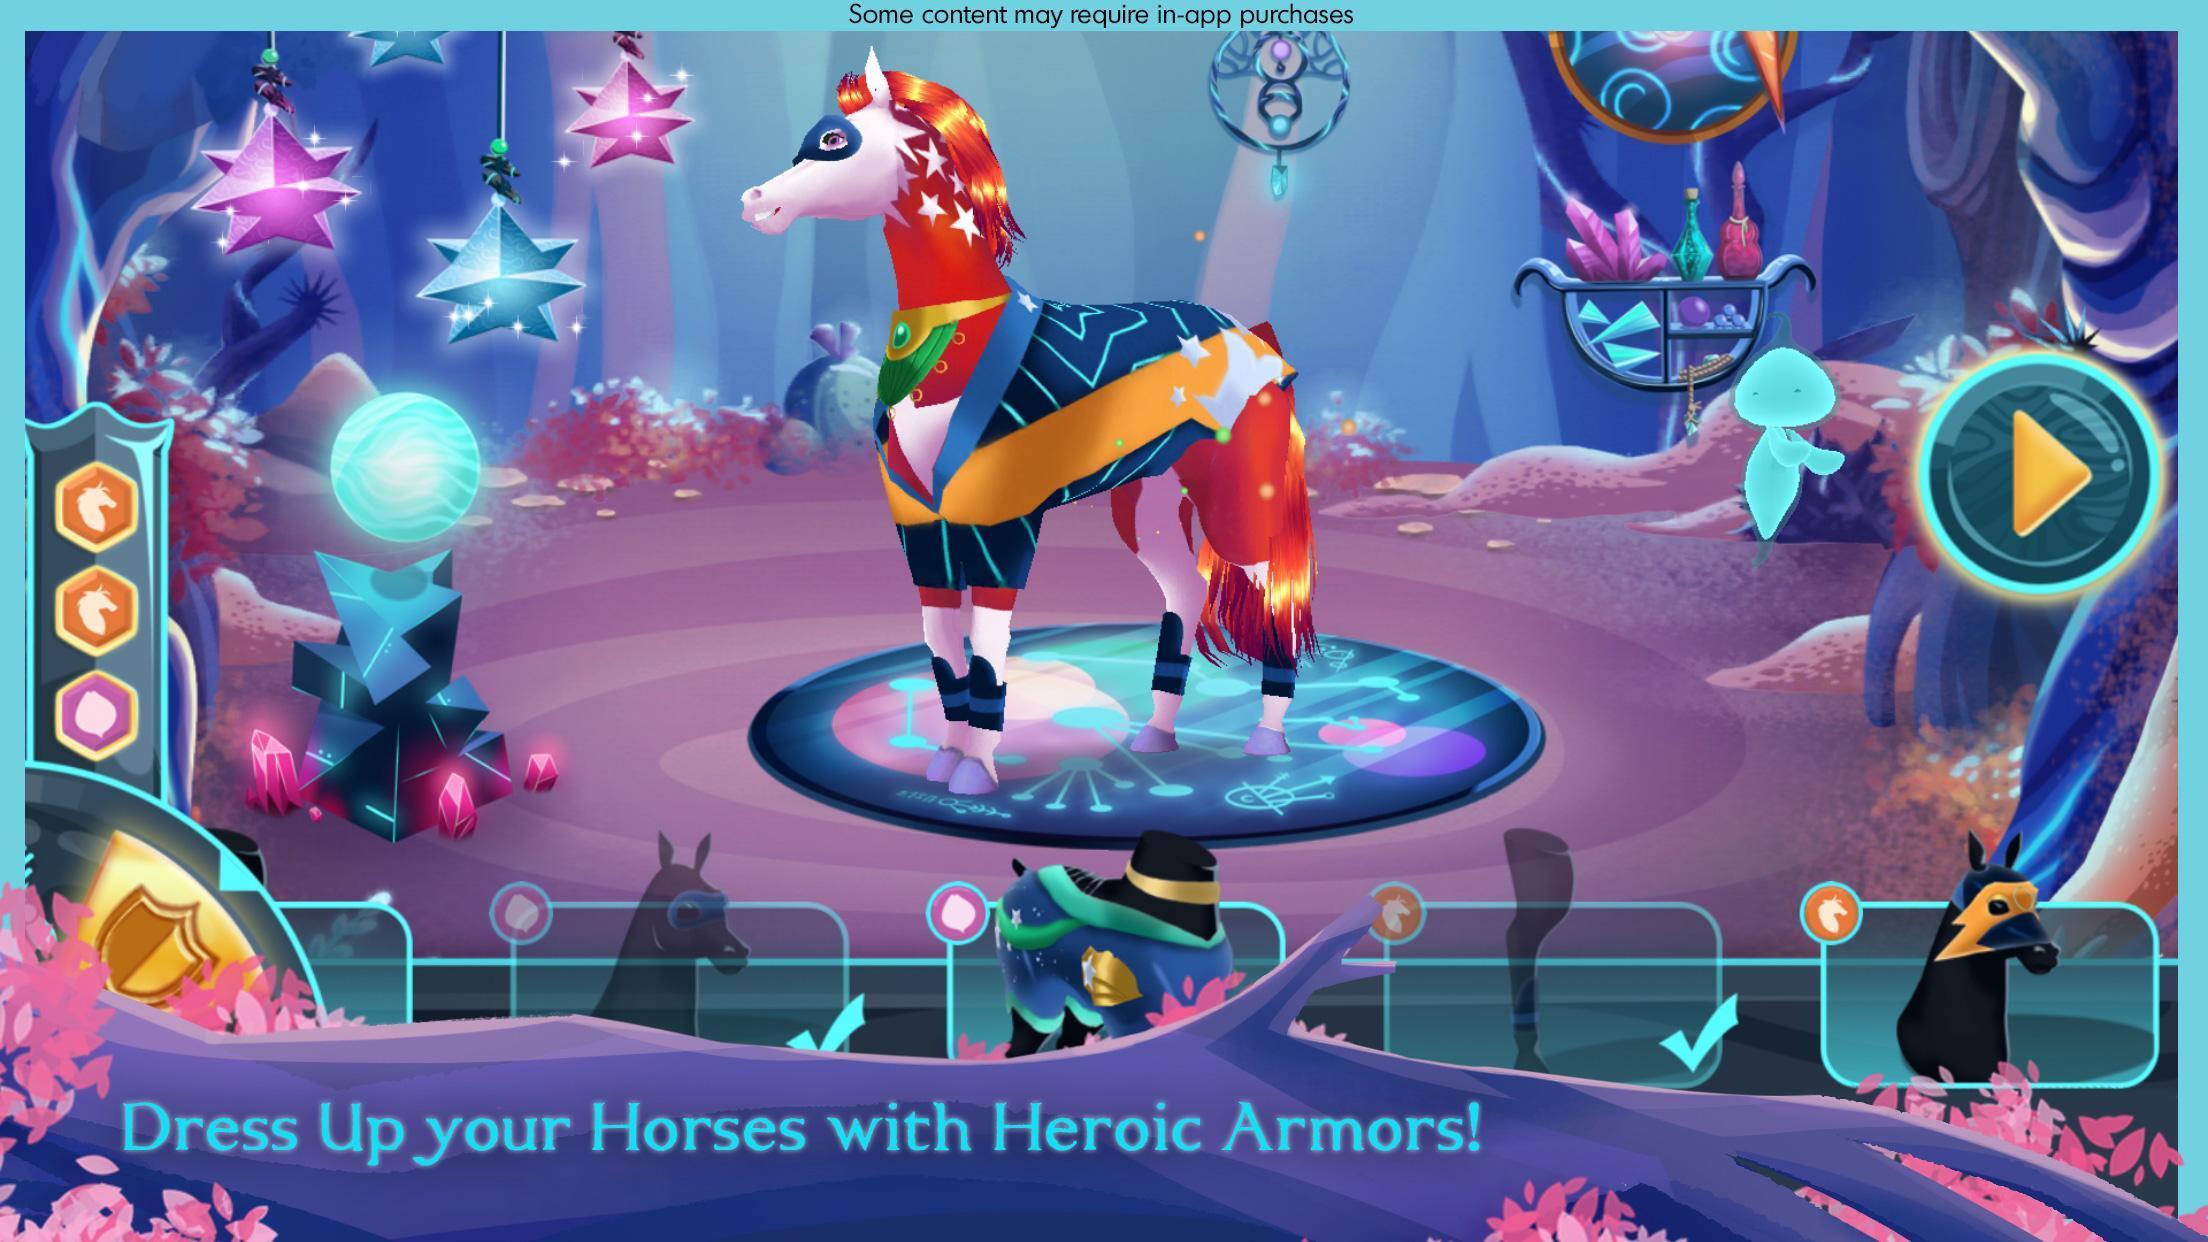 EverRun The Horse Guardians - Epic Endless Runner 2.3 Screenshot 3